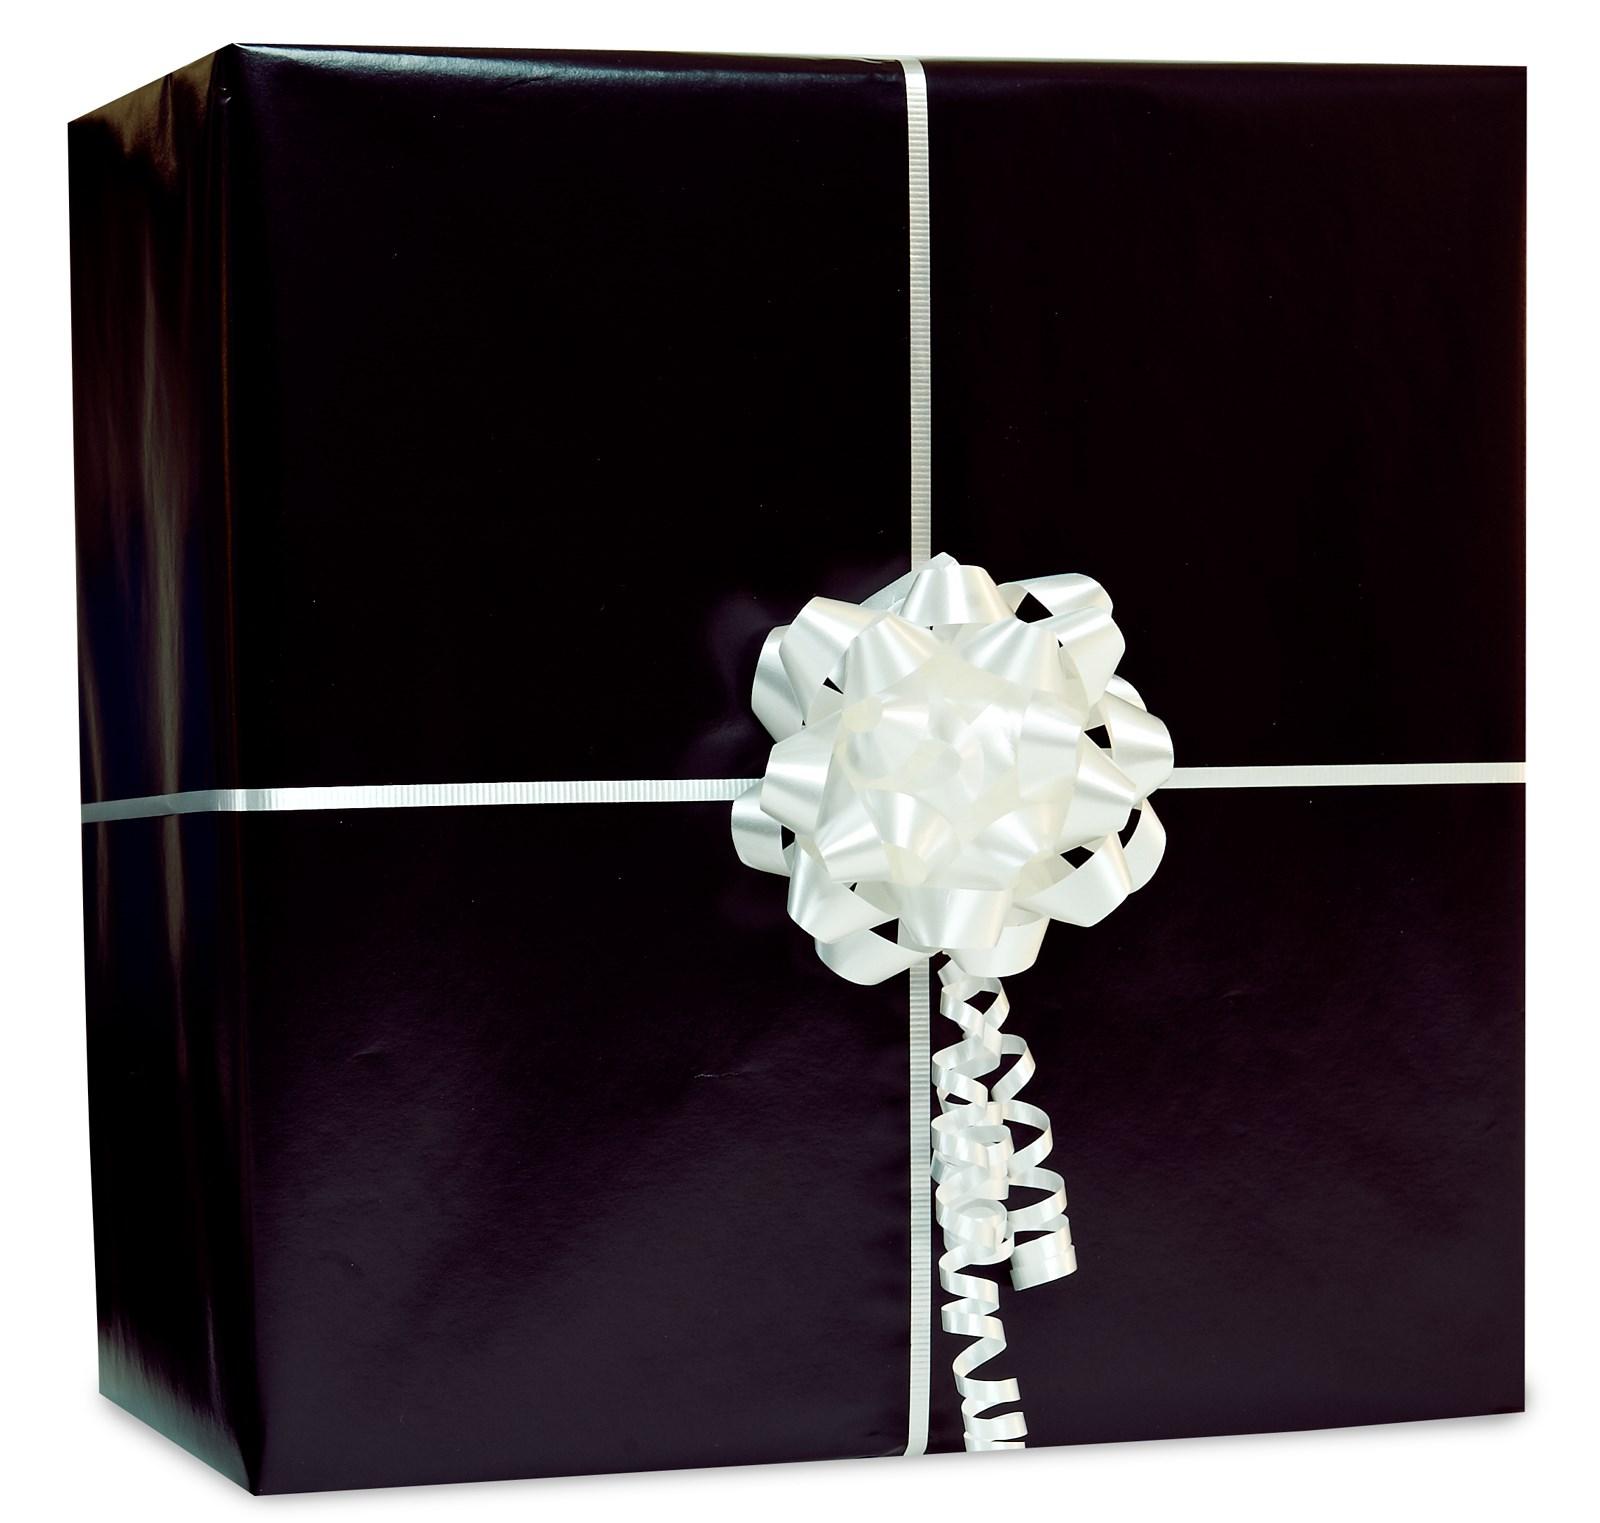 Image of Black Gift Wrap Kit